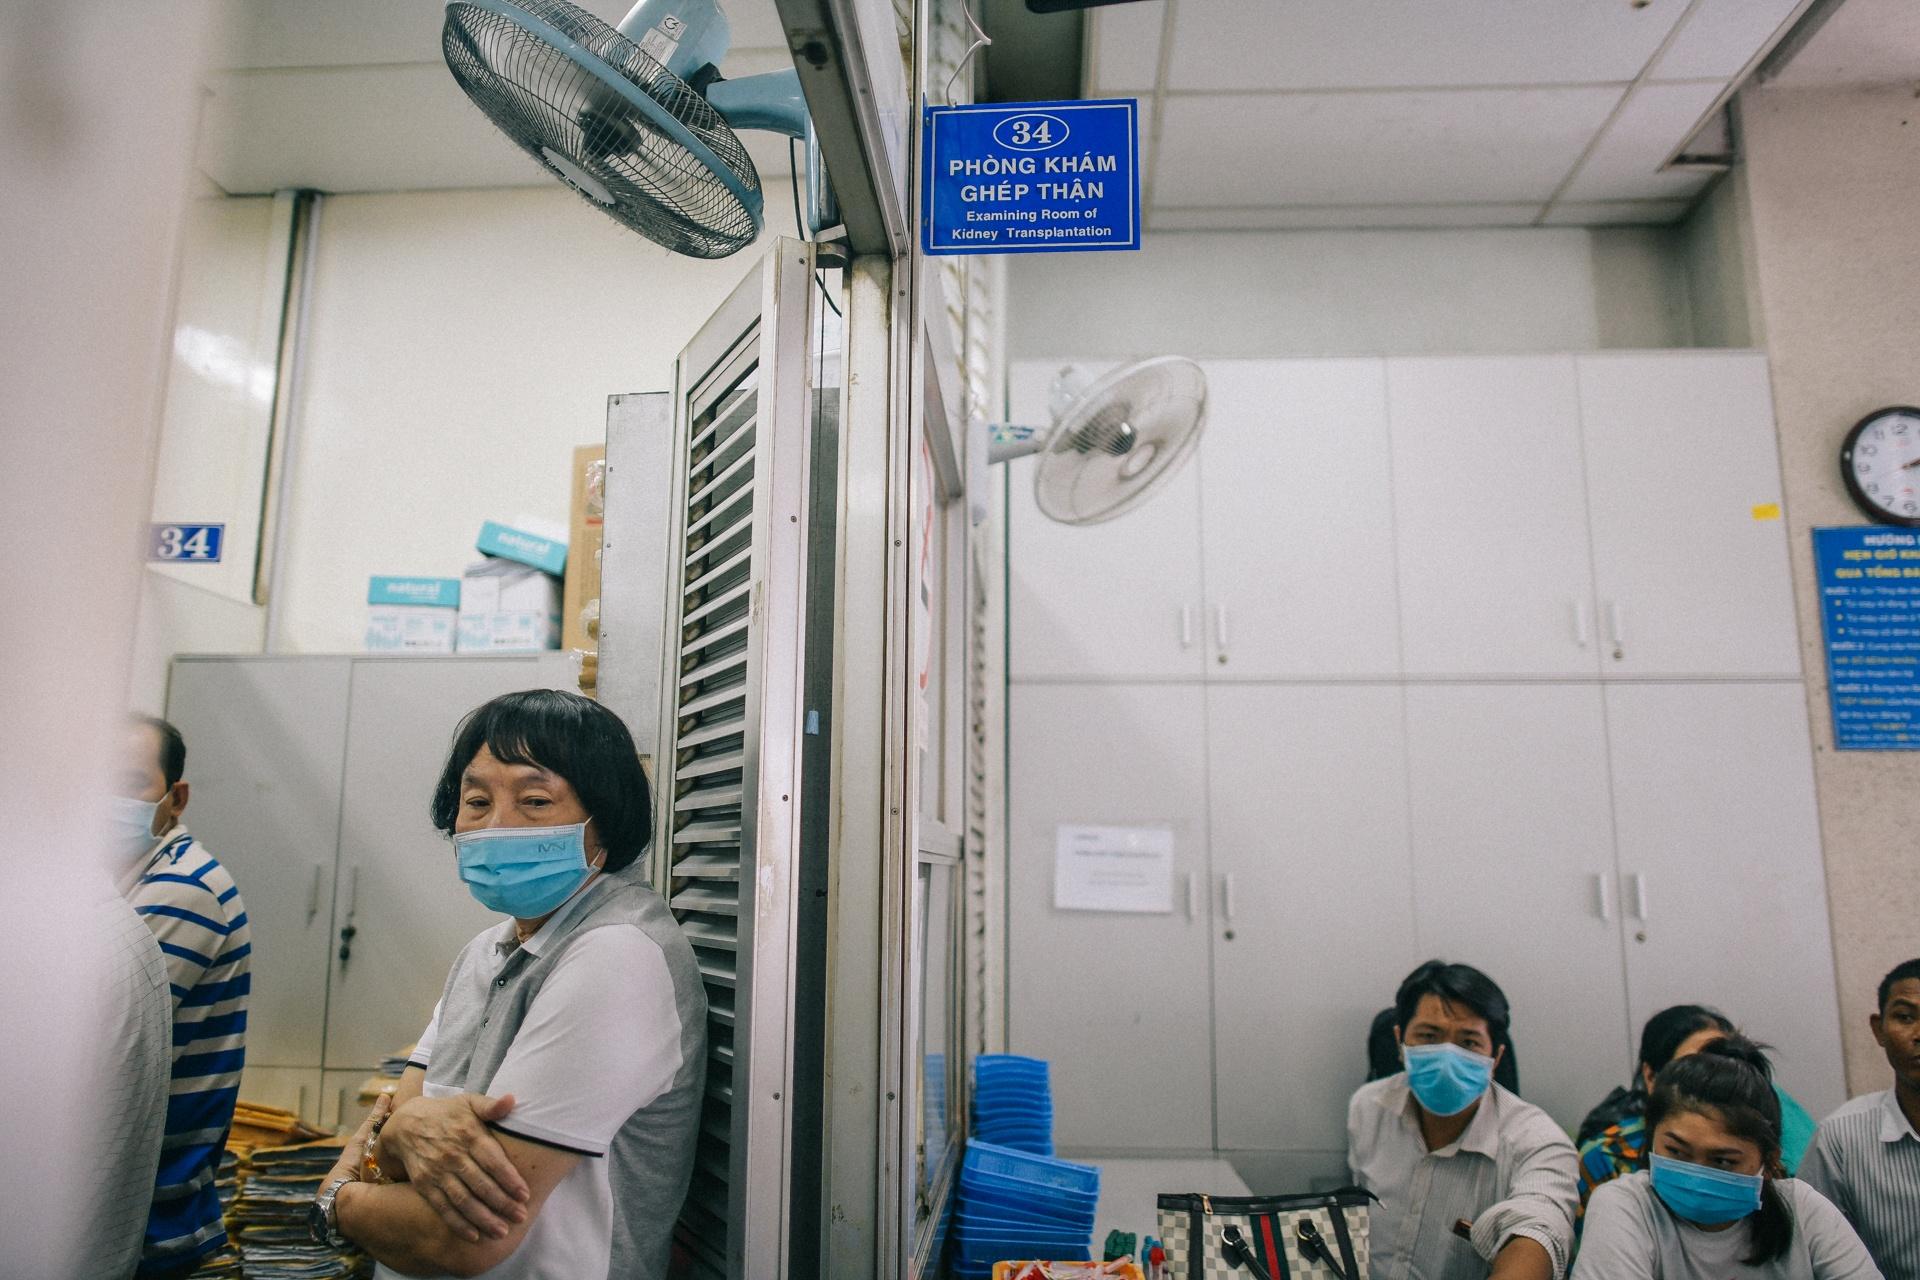 NSND Minh Vuong: 'Toi hoi sinh nho ghep than cua mot chang trai tre' hinh anh 2